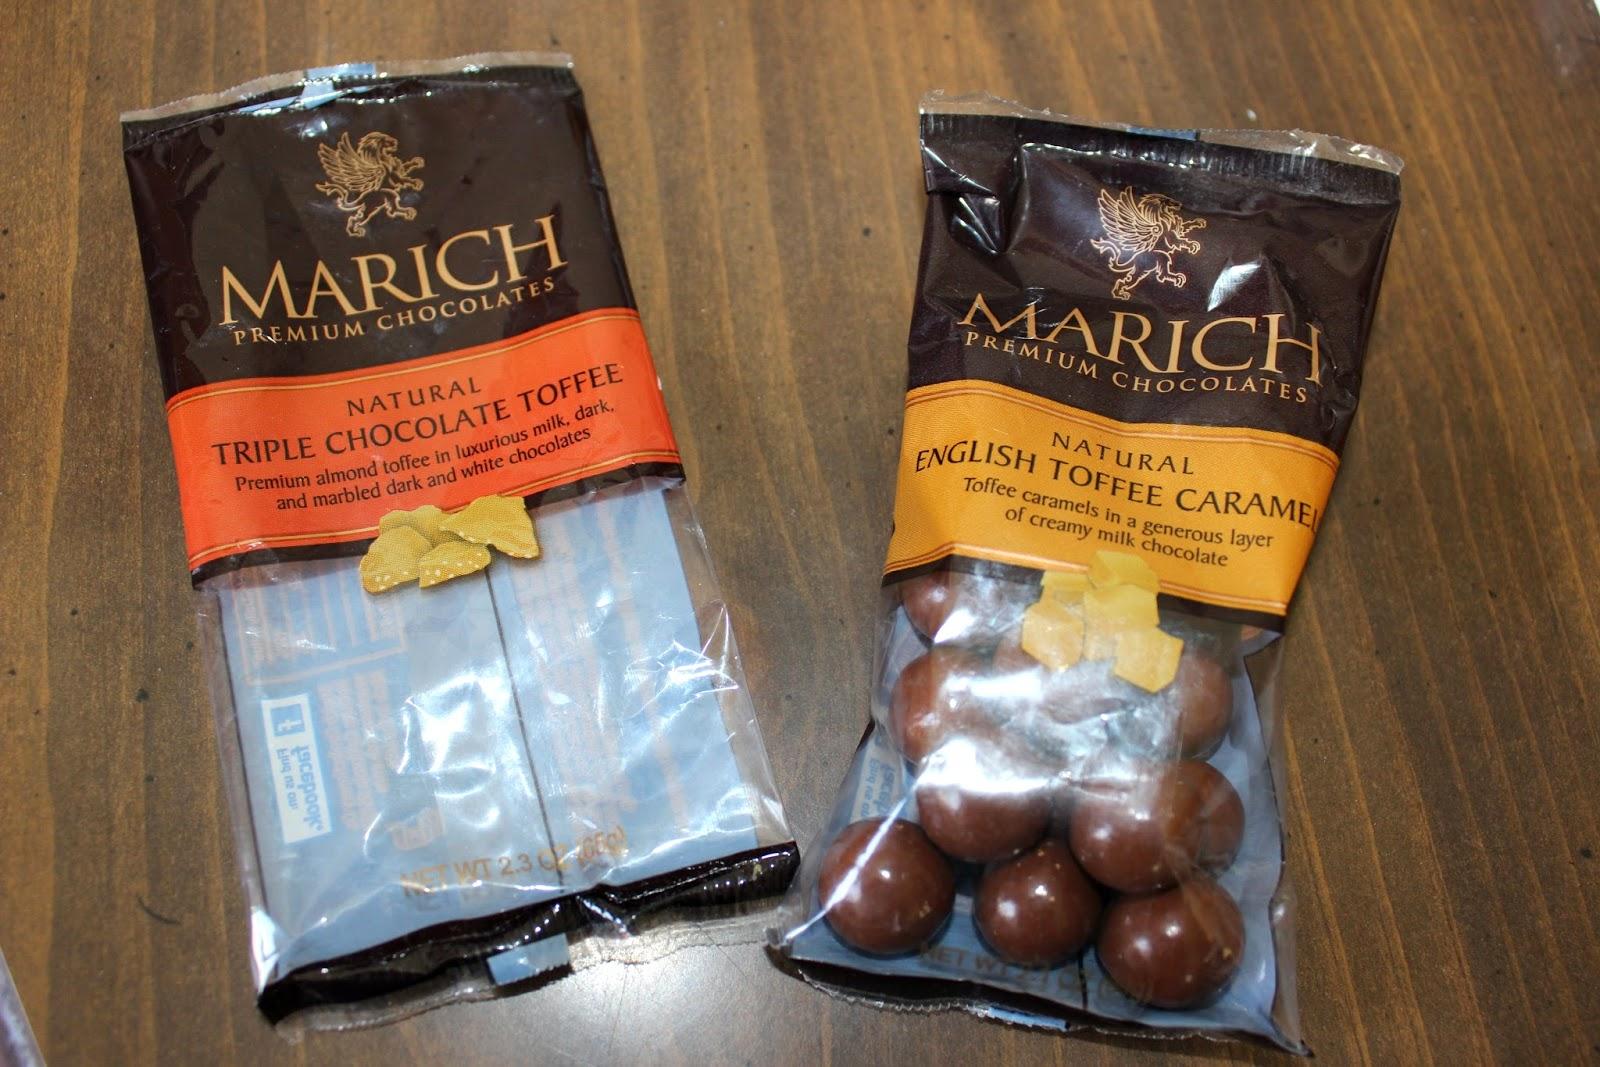 Marich Premium Chocolate